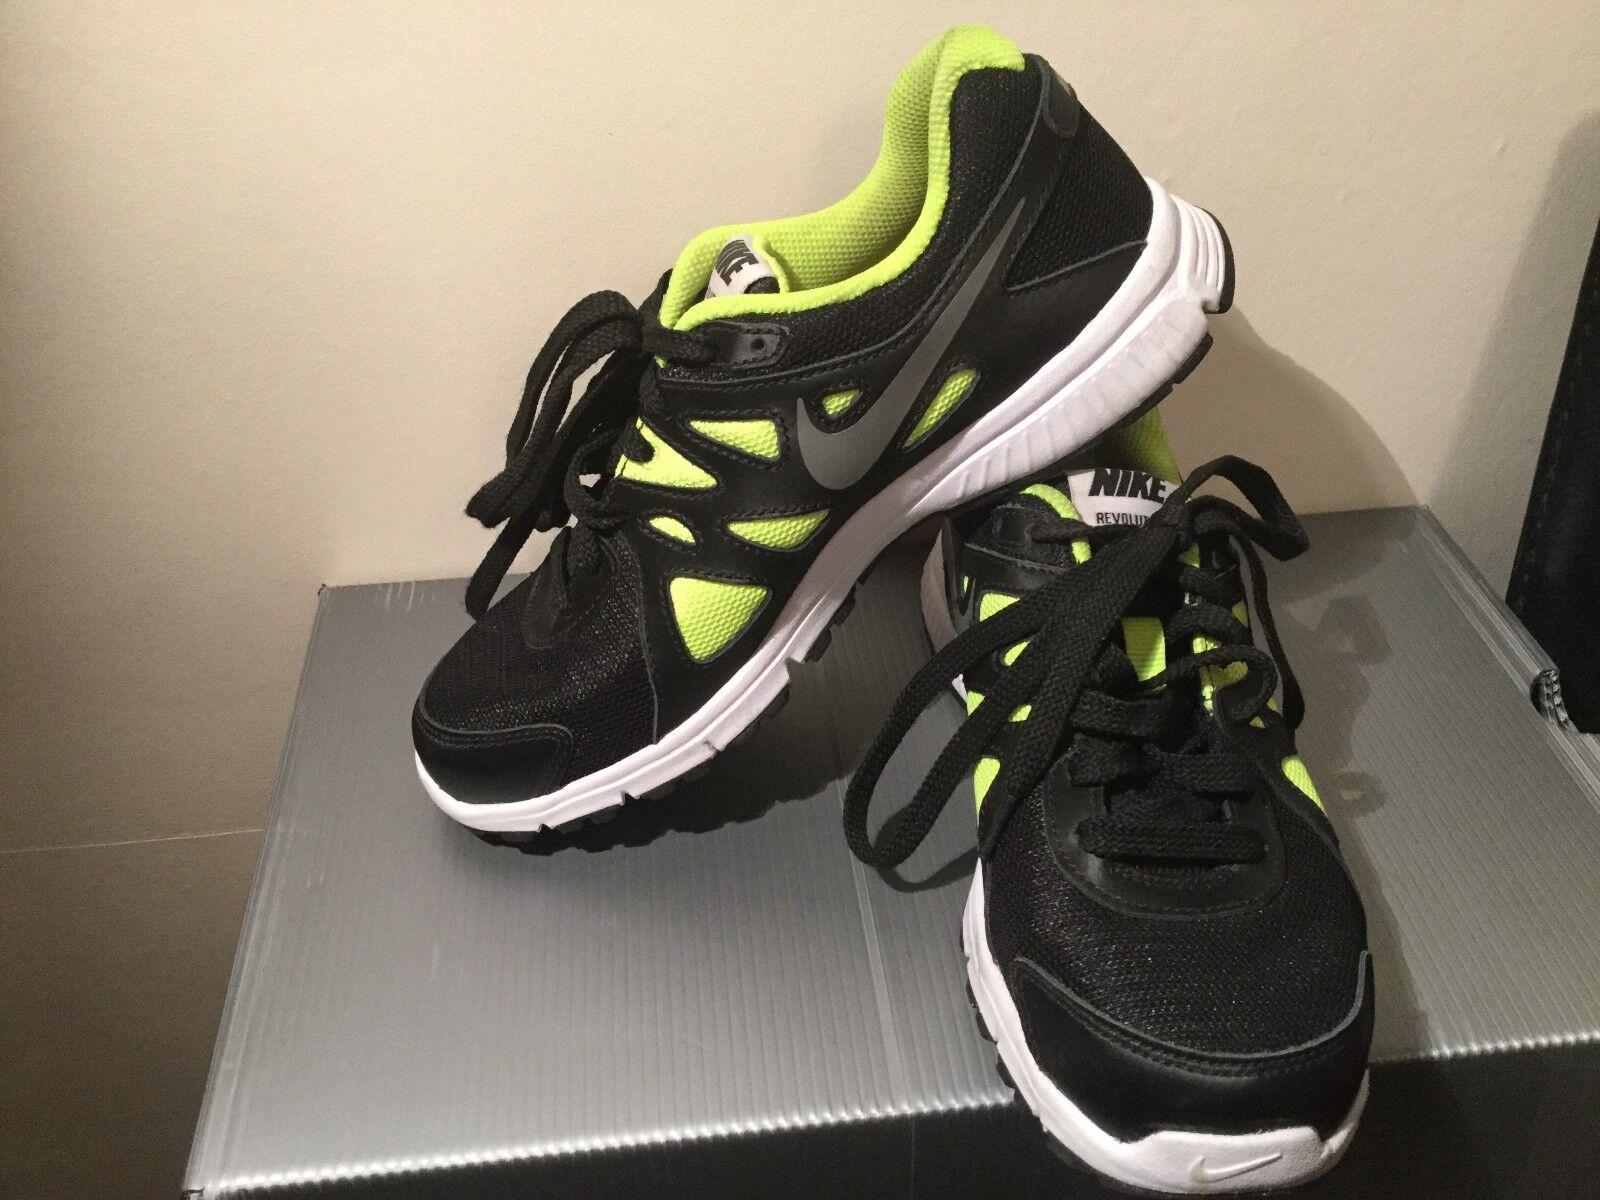 Nike rivoluzione 2 le dimensioni 4uk formatori. | Special Compro  | Uomo/Donna Scarpa